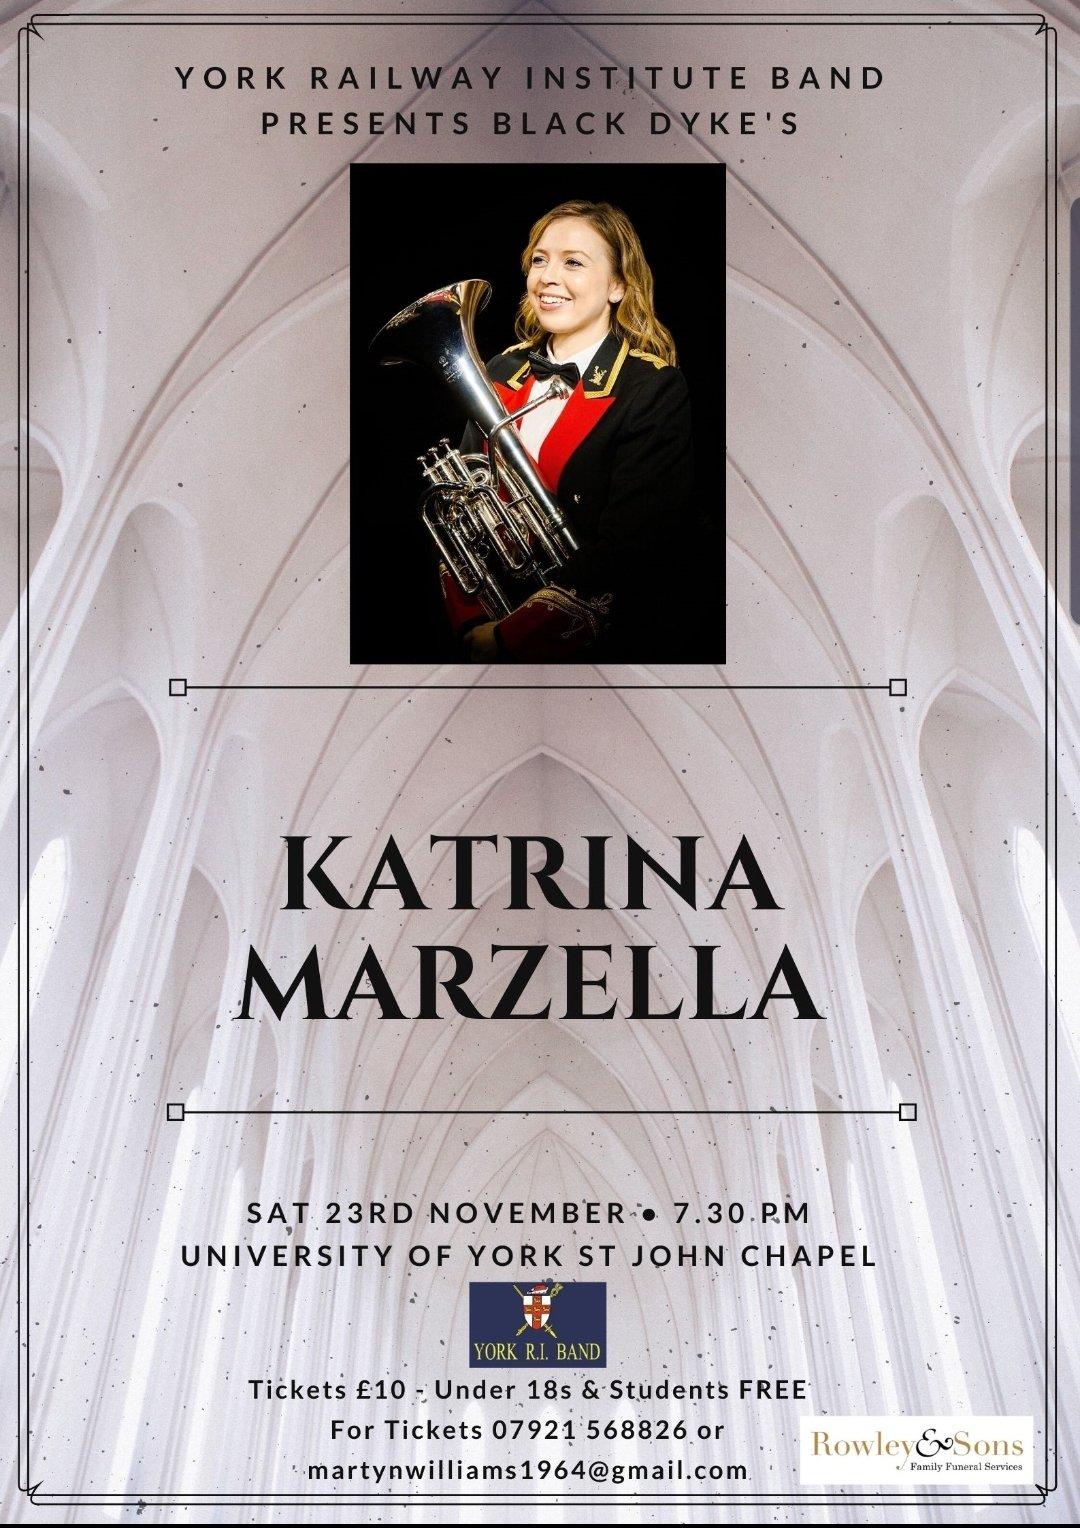 Katrina Marzella